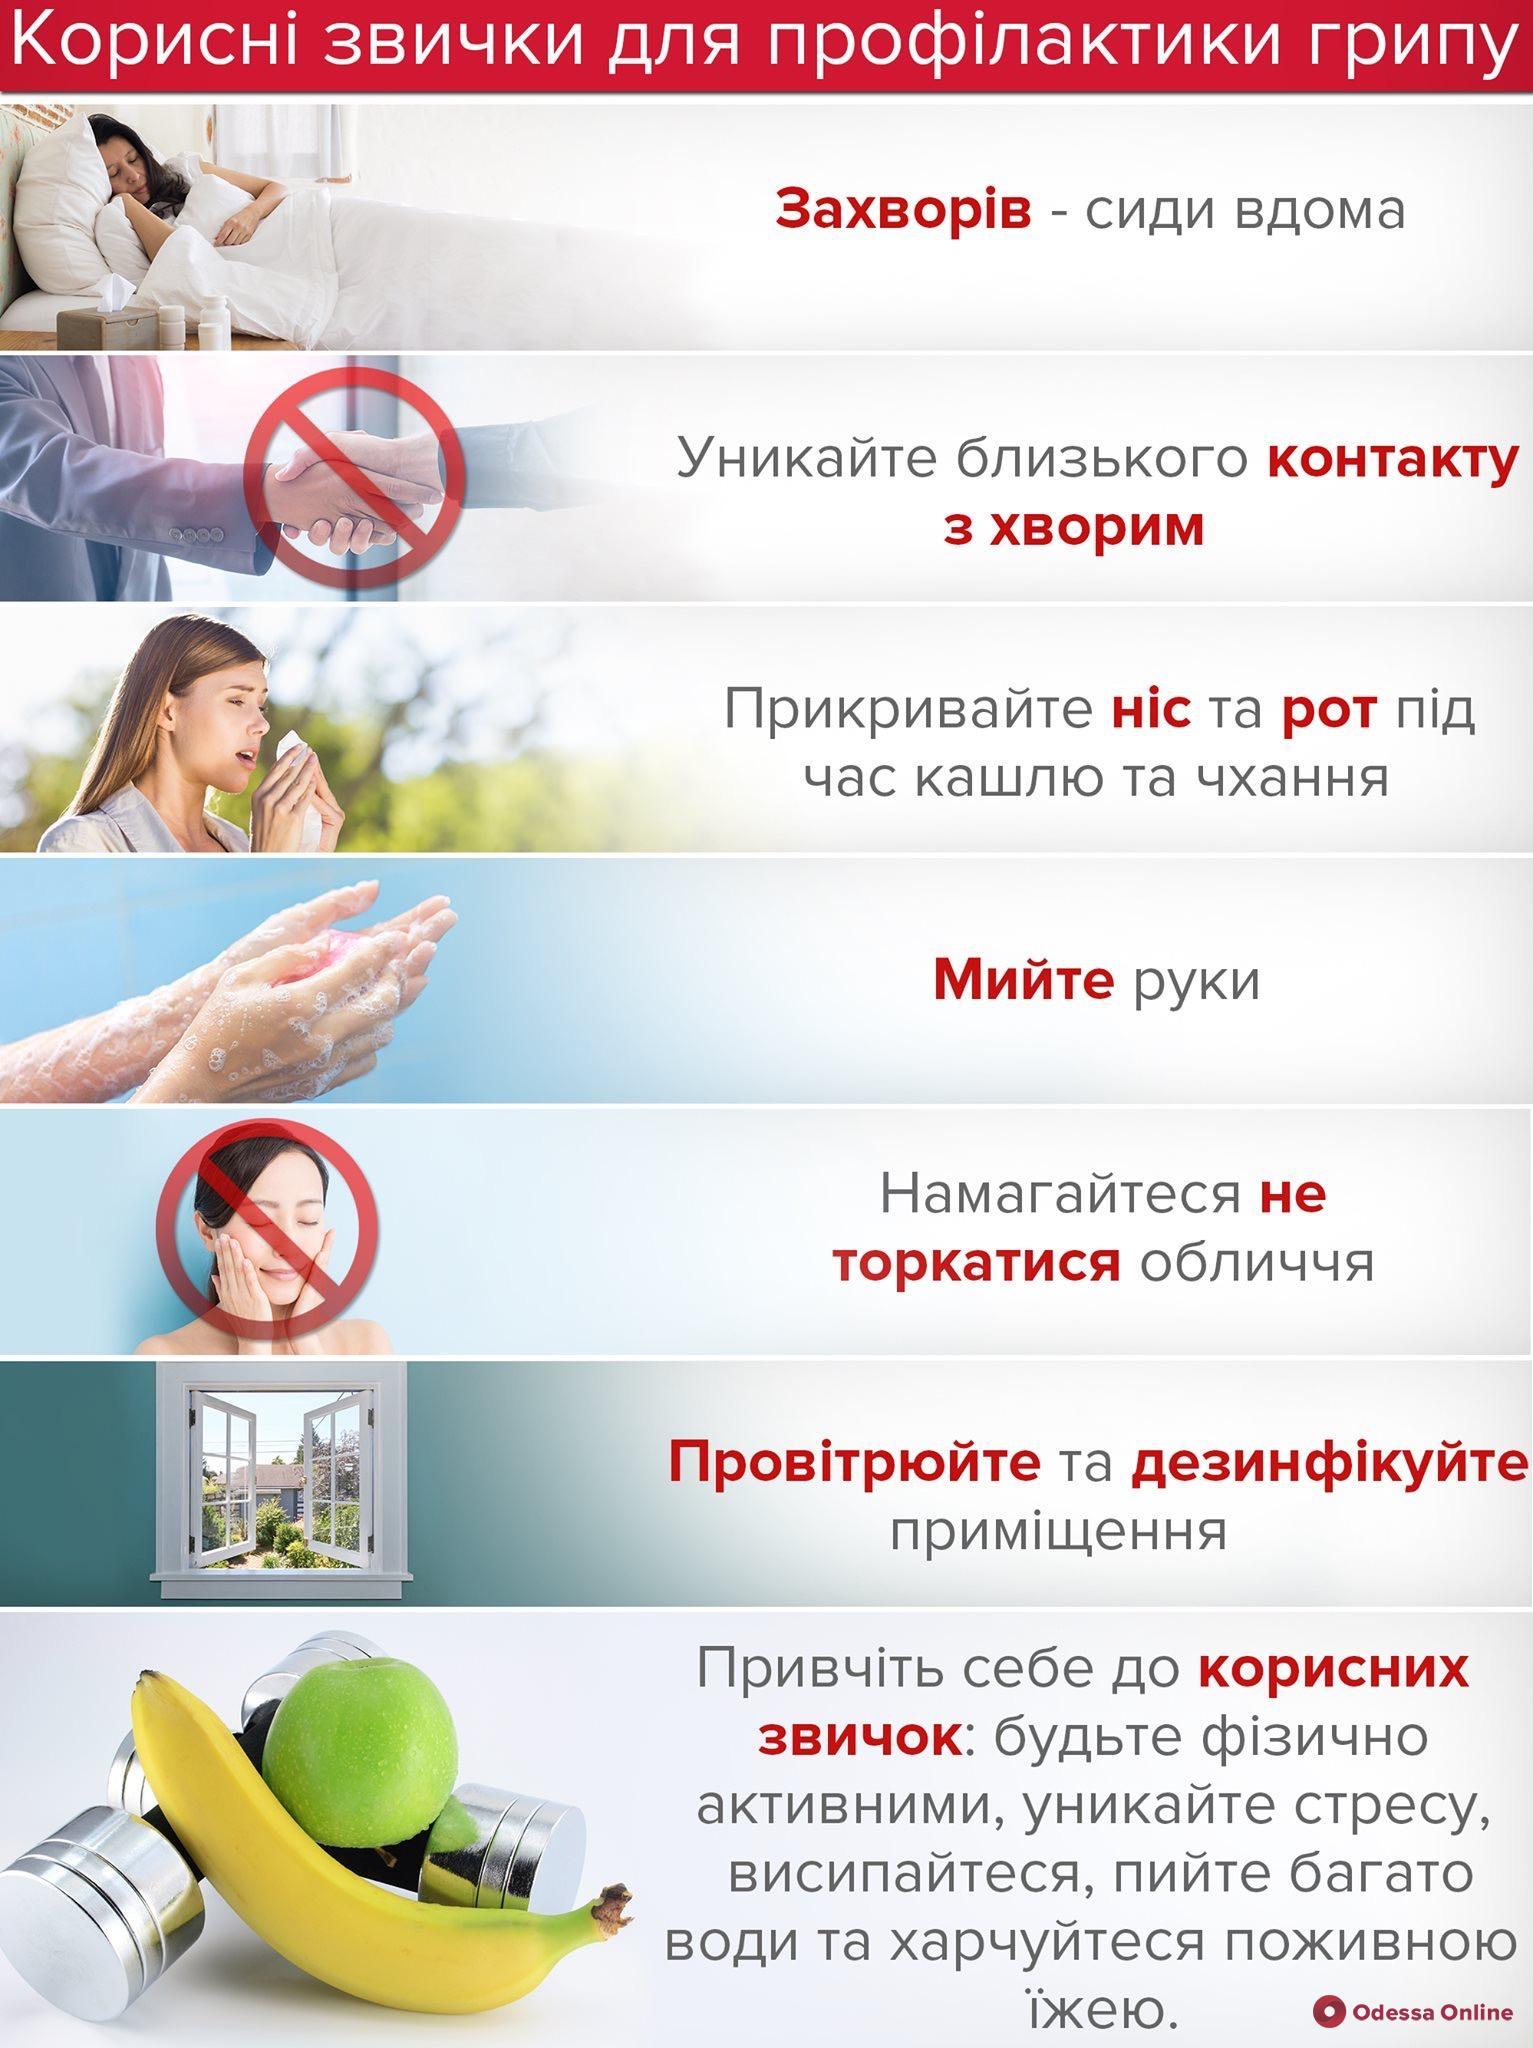 На прошлой неделе гриппом и ОРВИ заболели 5 тысяч одесситов